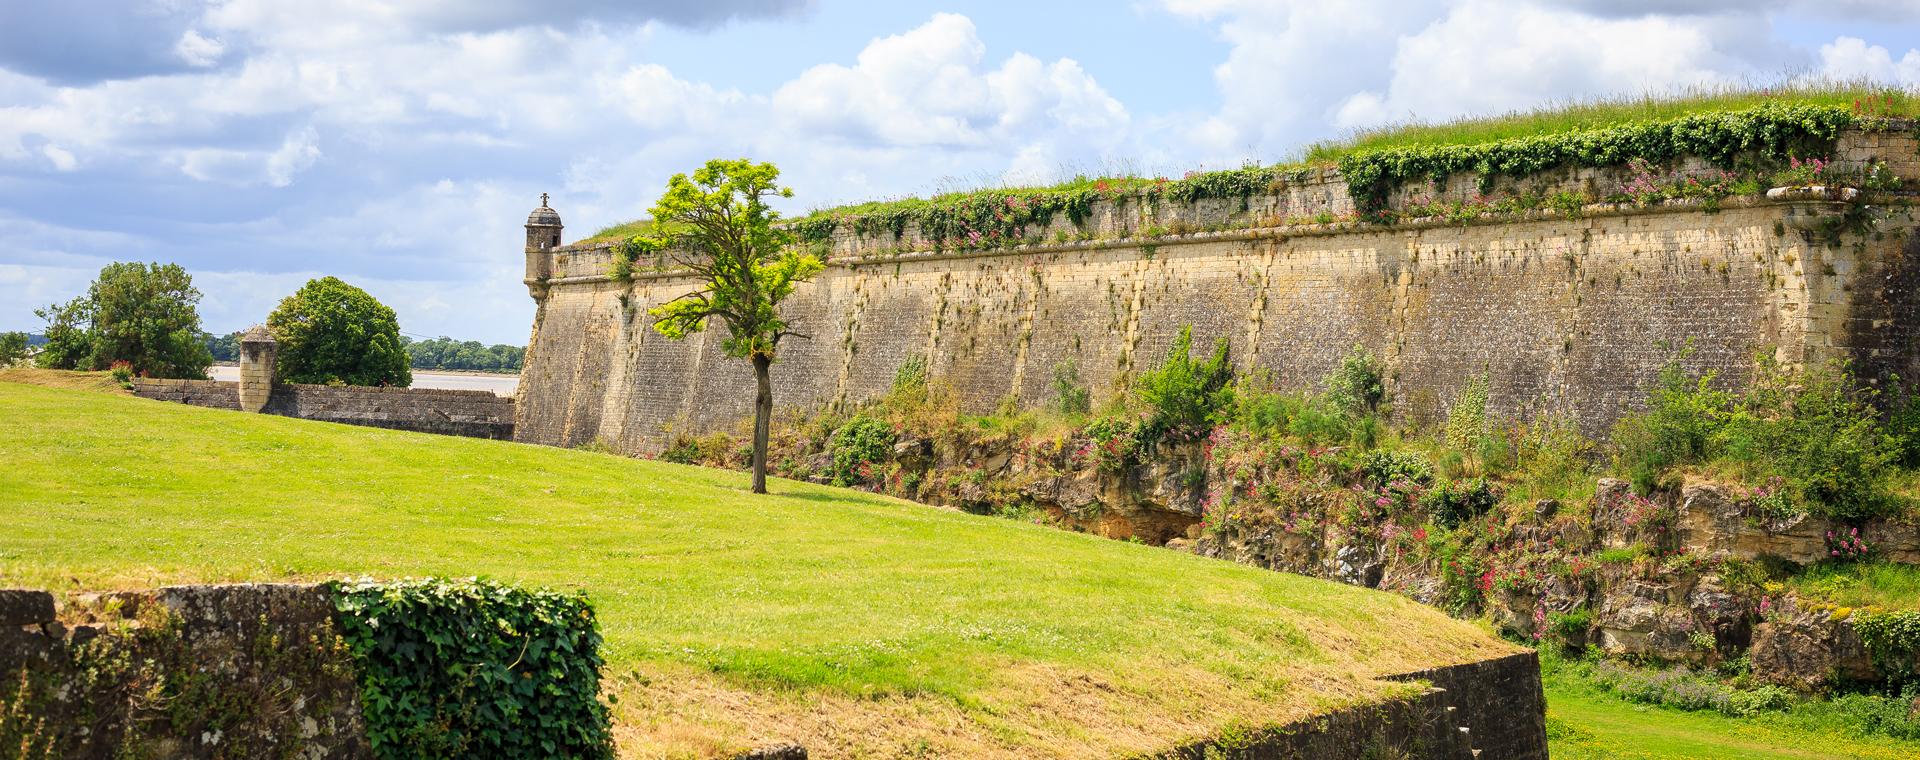 Image De Royan à Bordeaux